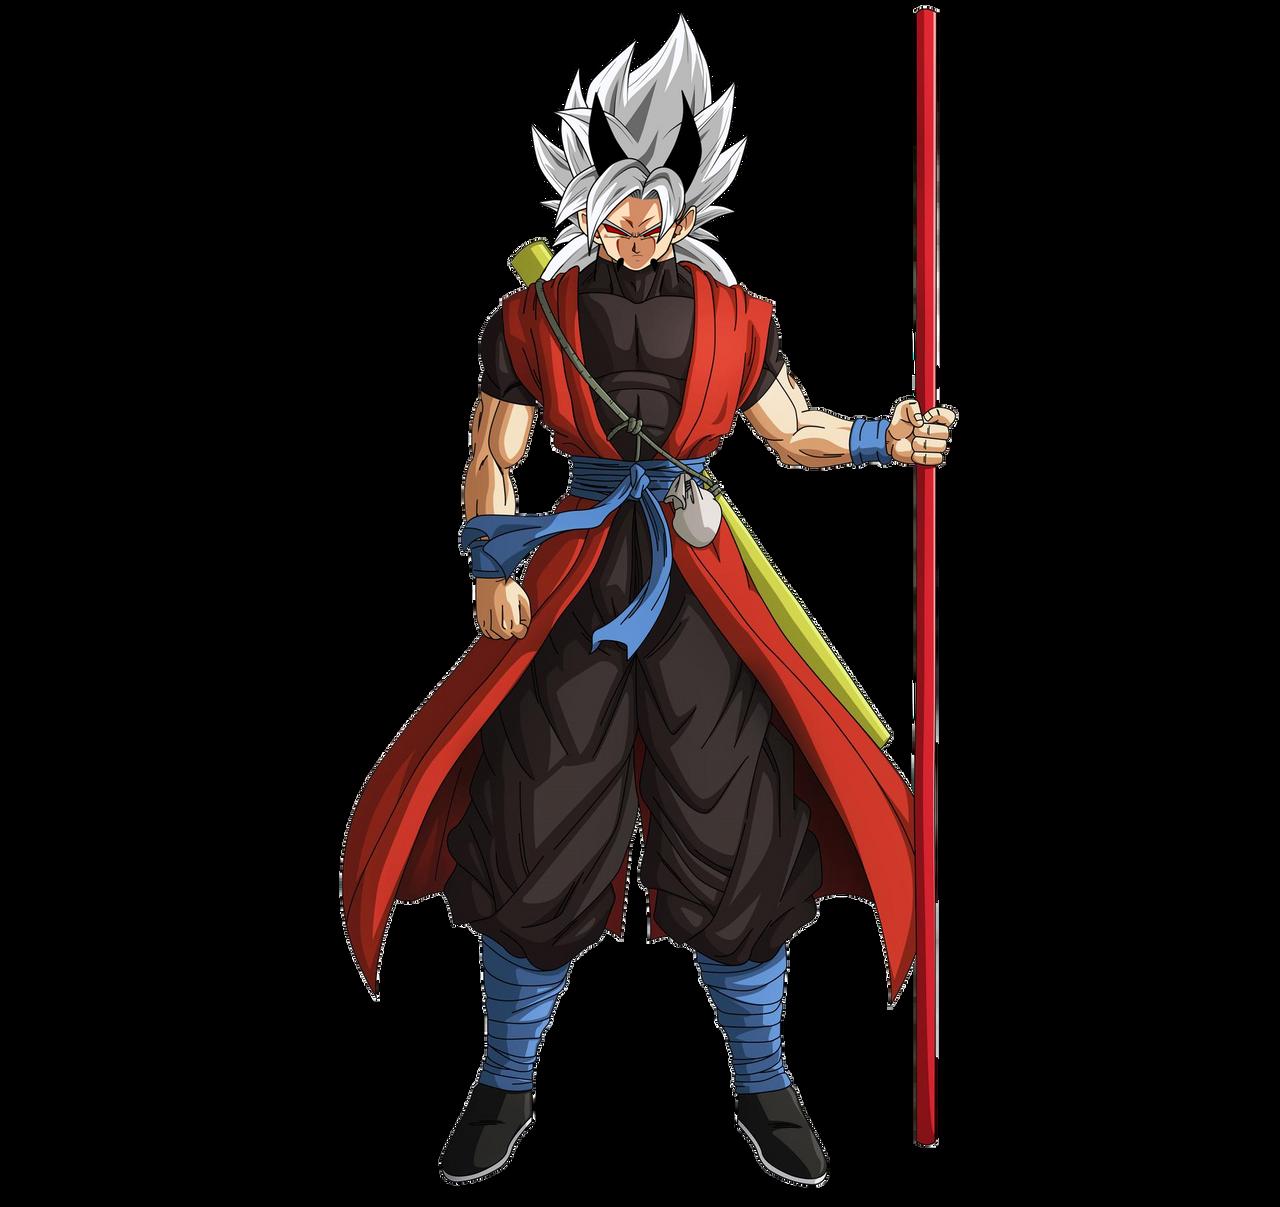 Pin By Rasdie On My Saves In 2021 Goku Black Super Saiyan 8 Goku Super Saiyan 7